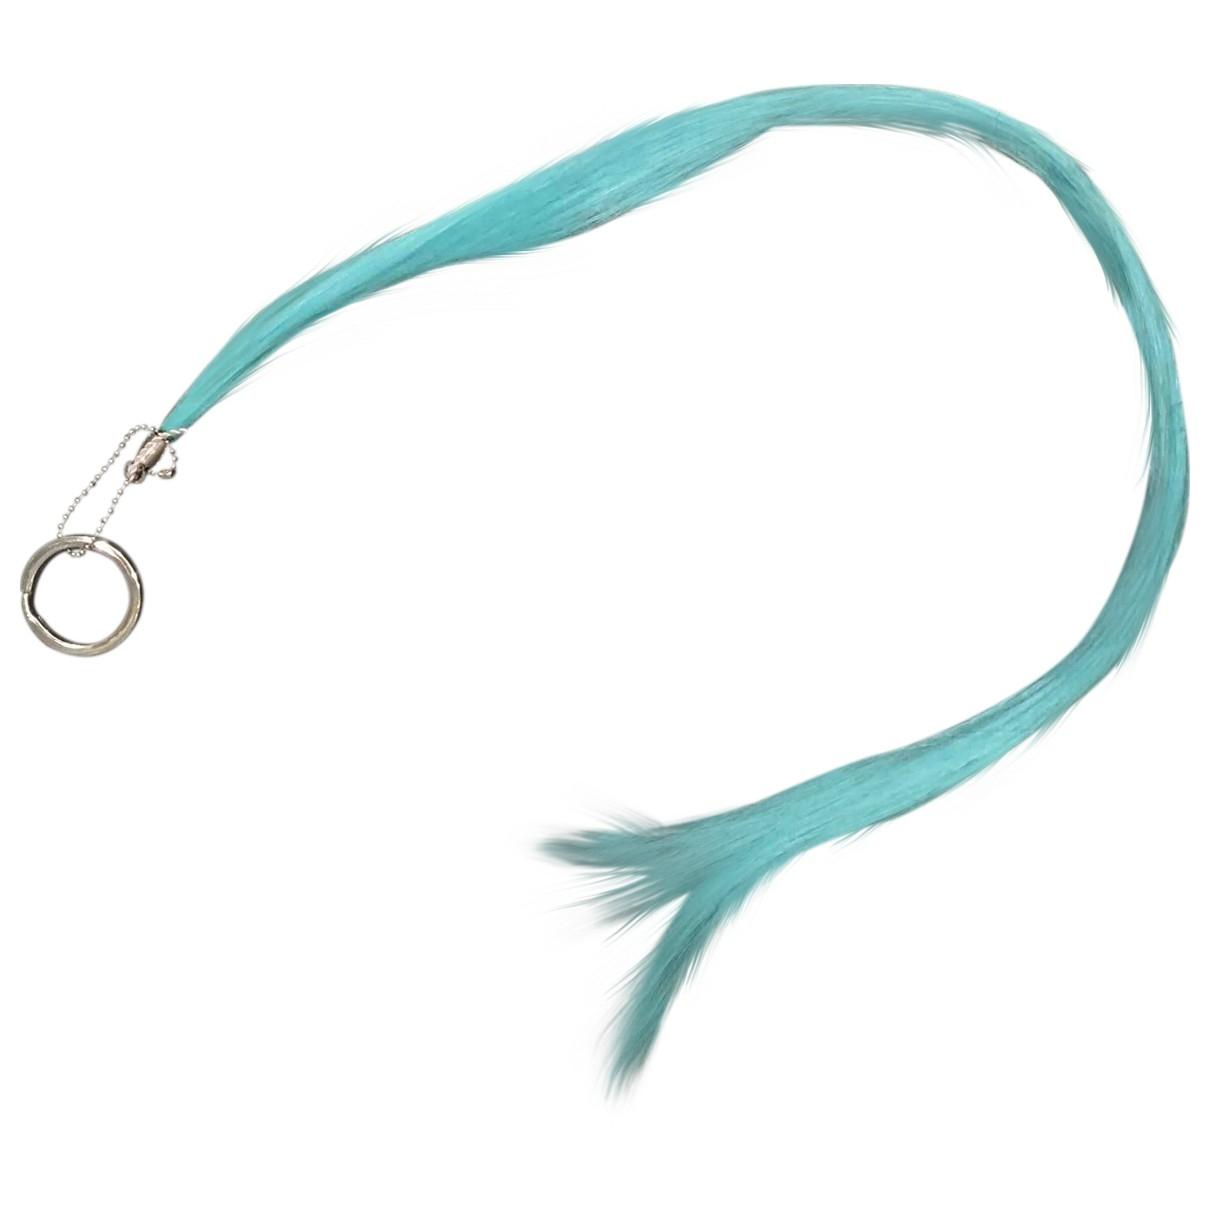 Maison Martin Margiela - Bijoux de portable   pour femme en fourrure synthetique - bleu